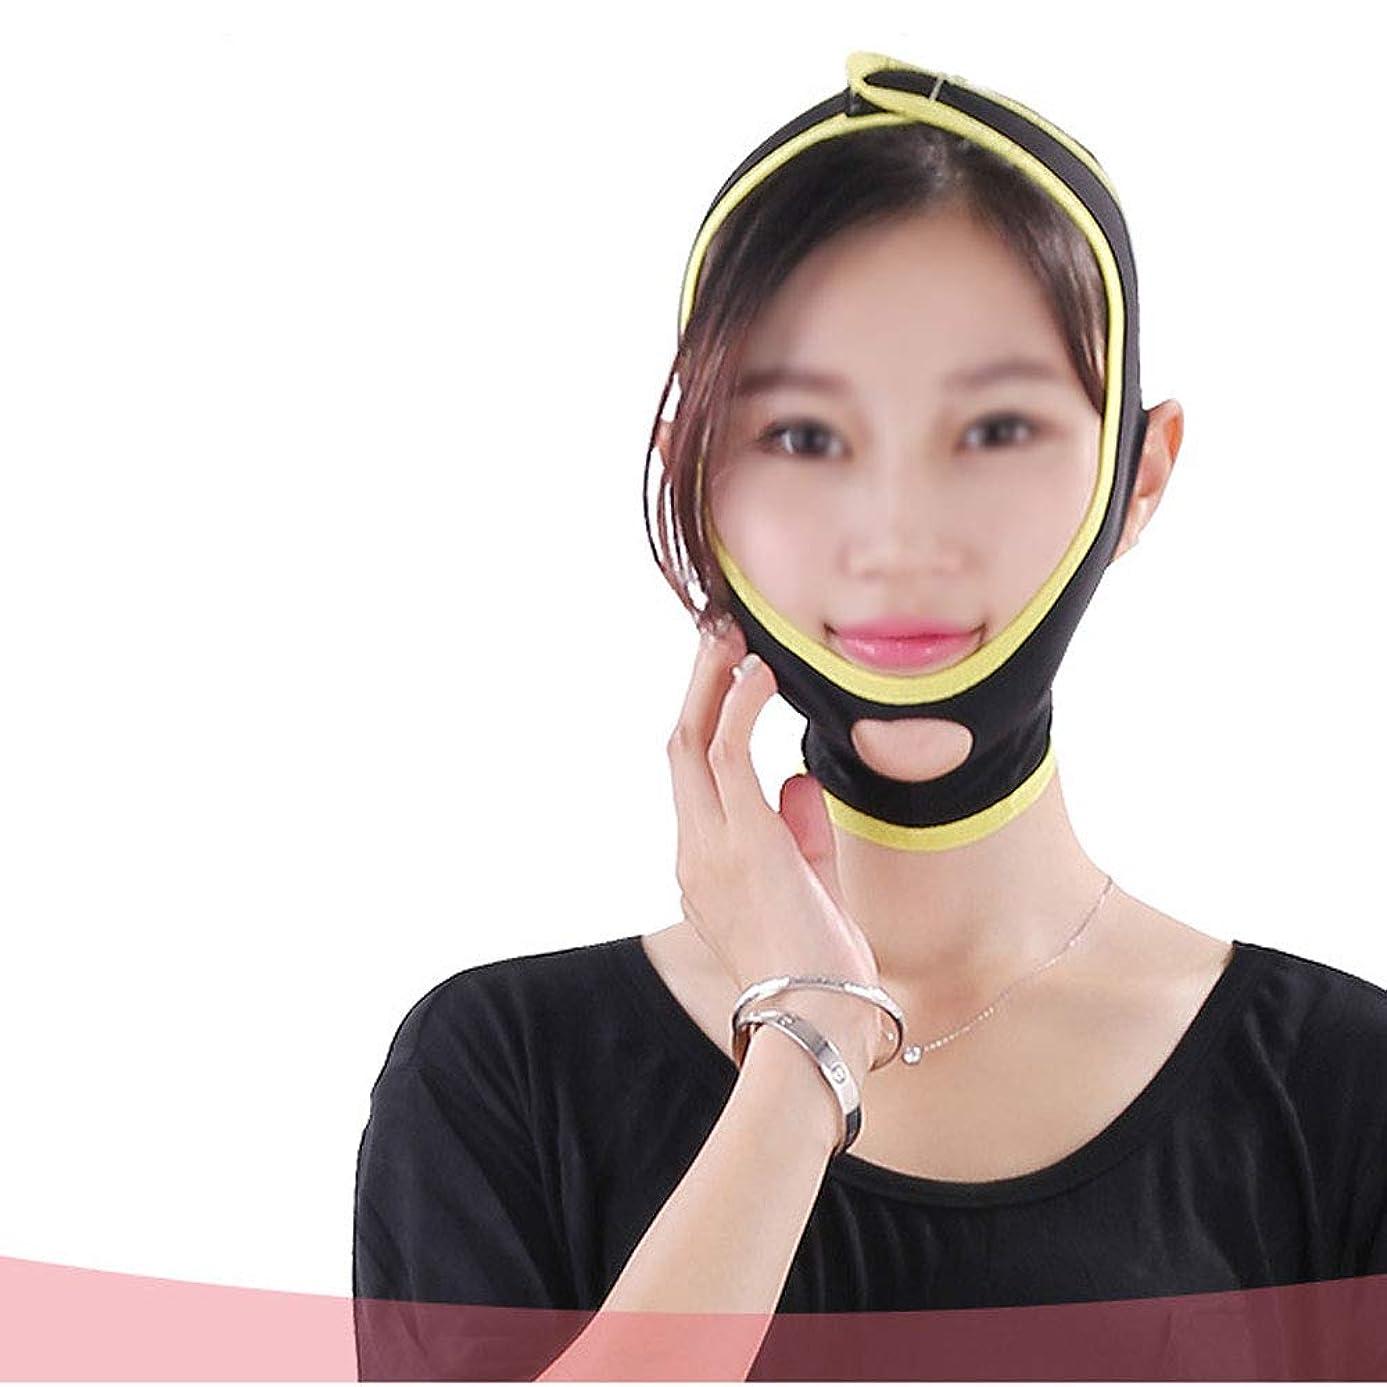 もの寂しいつなぐTLMY 薄い顔包帯通気性睡眠小さいVフェイスマスクリフティング引き締め肌アーティファクトは二重あご顔の減量包帯を減らす 顔用整形マスク (Size : L)